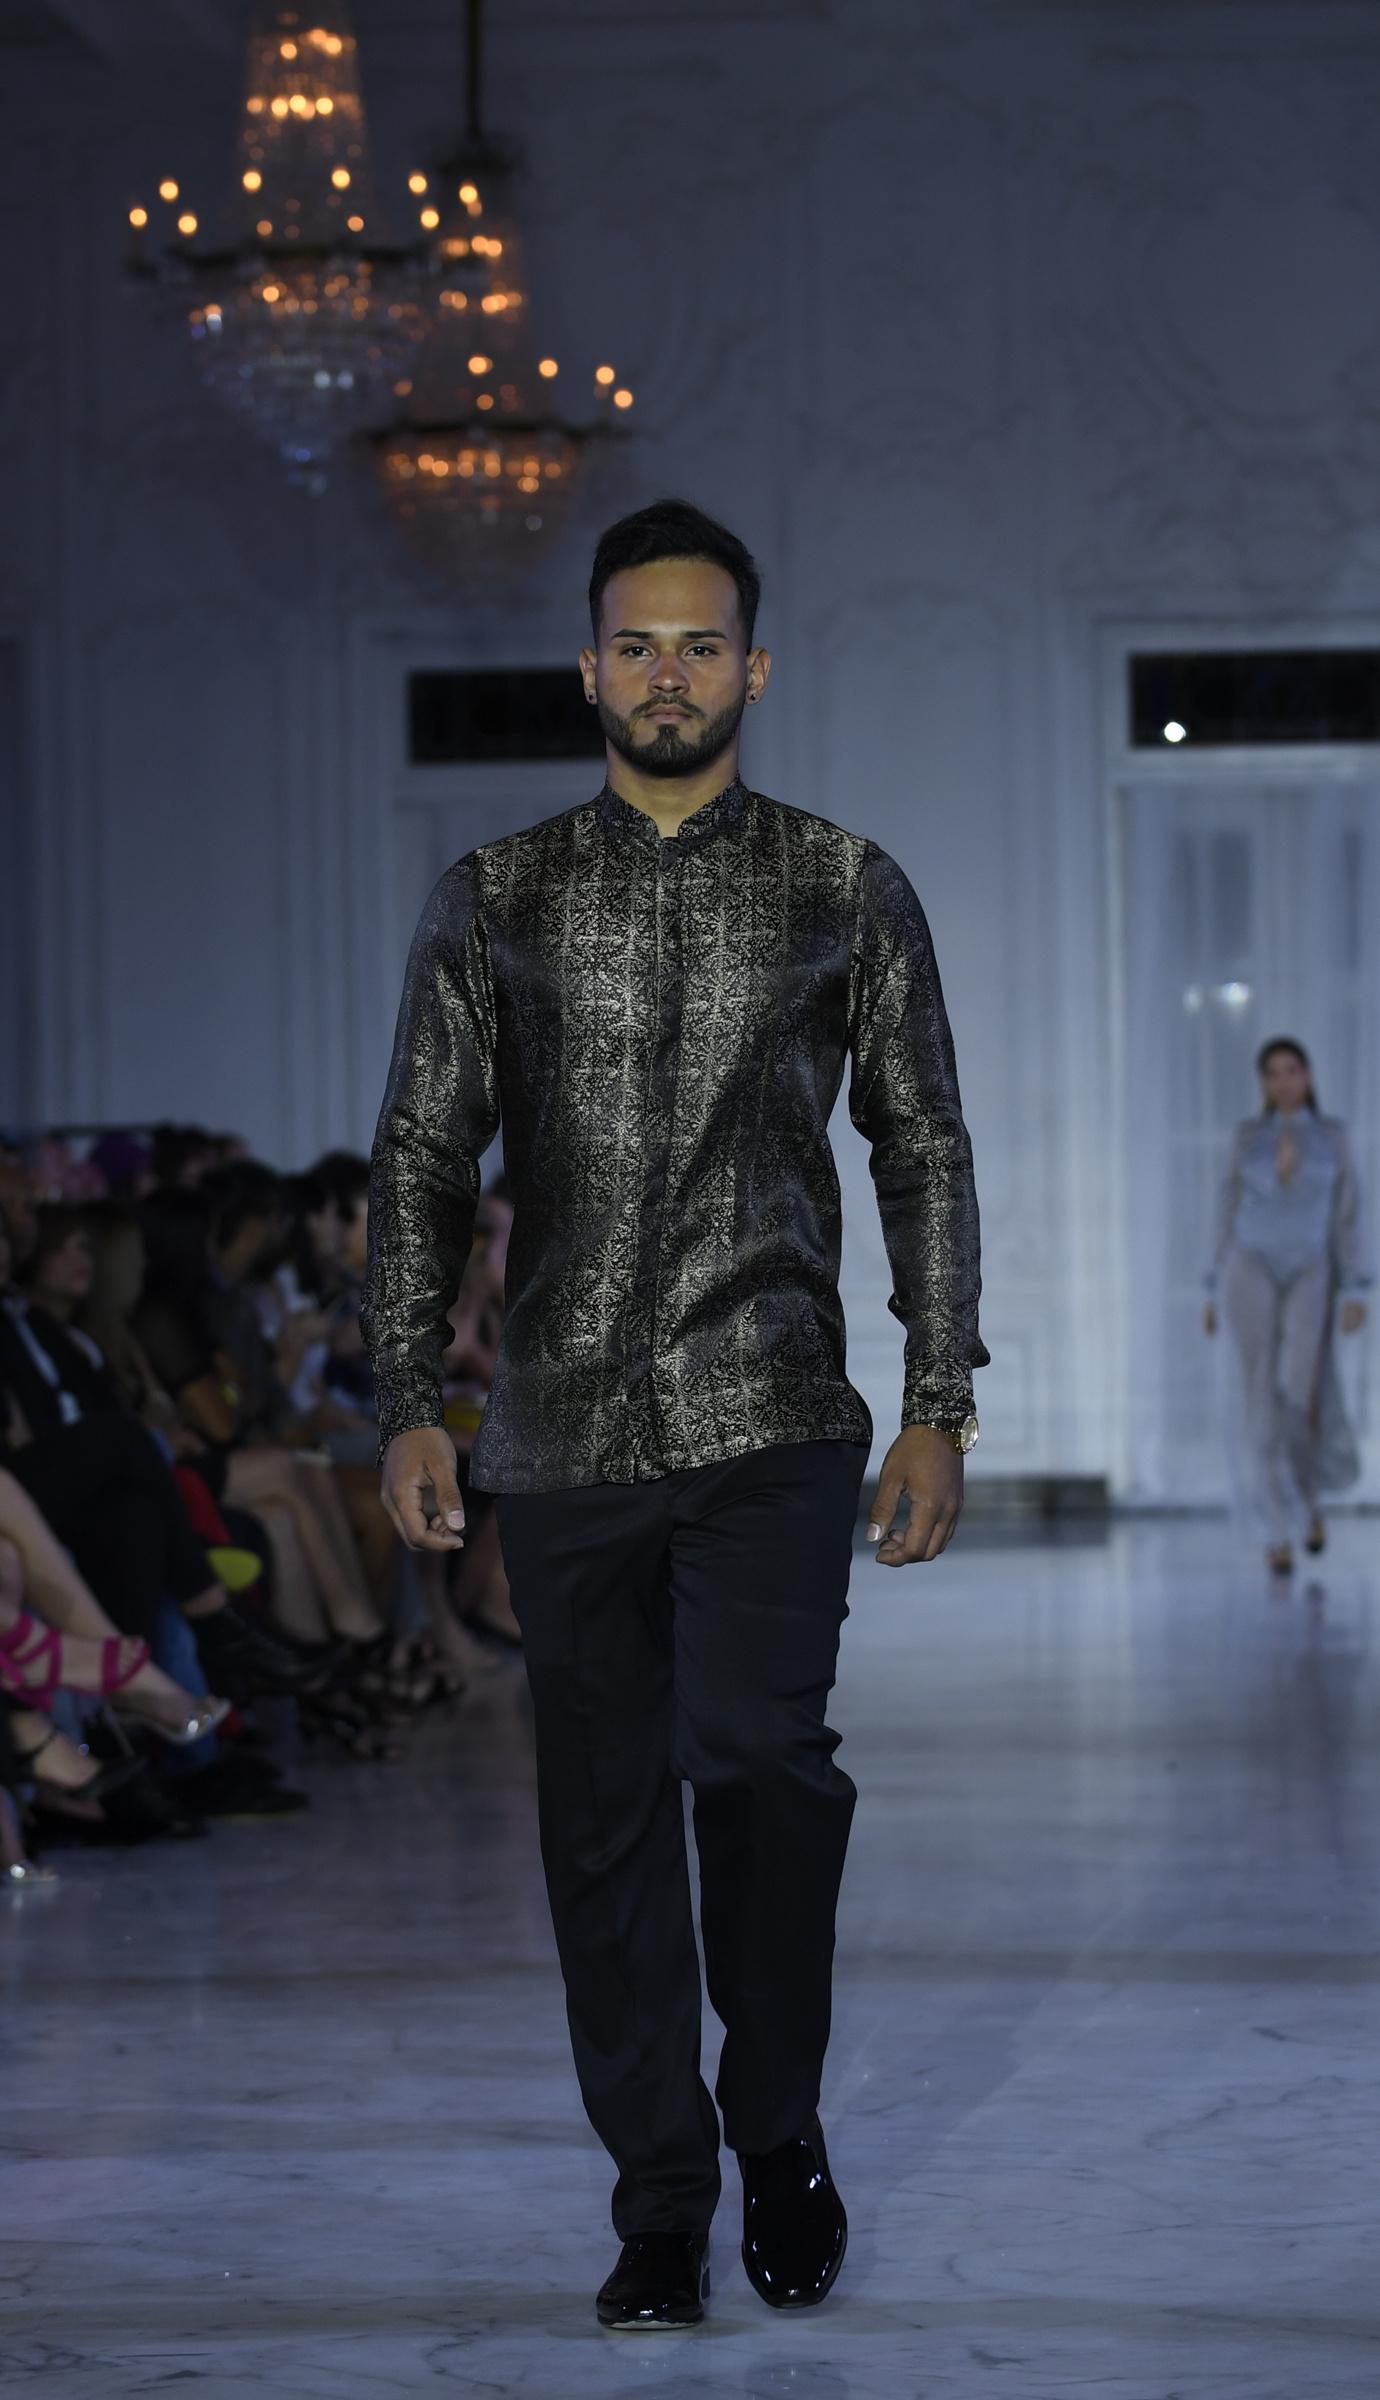 La propuesta para caballeros también incluyó camisas en seda estampada. Foto Ángel Luis García